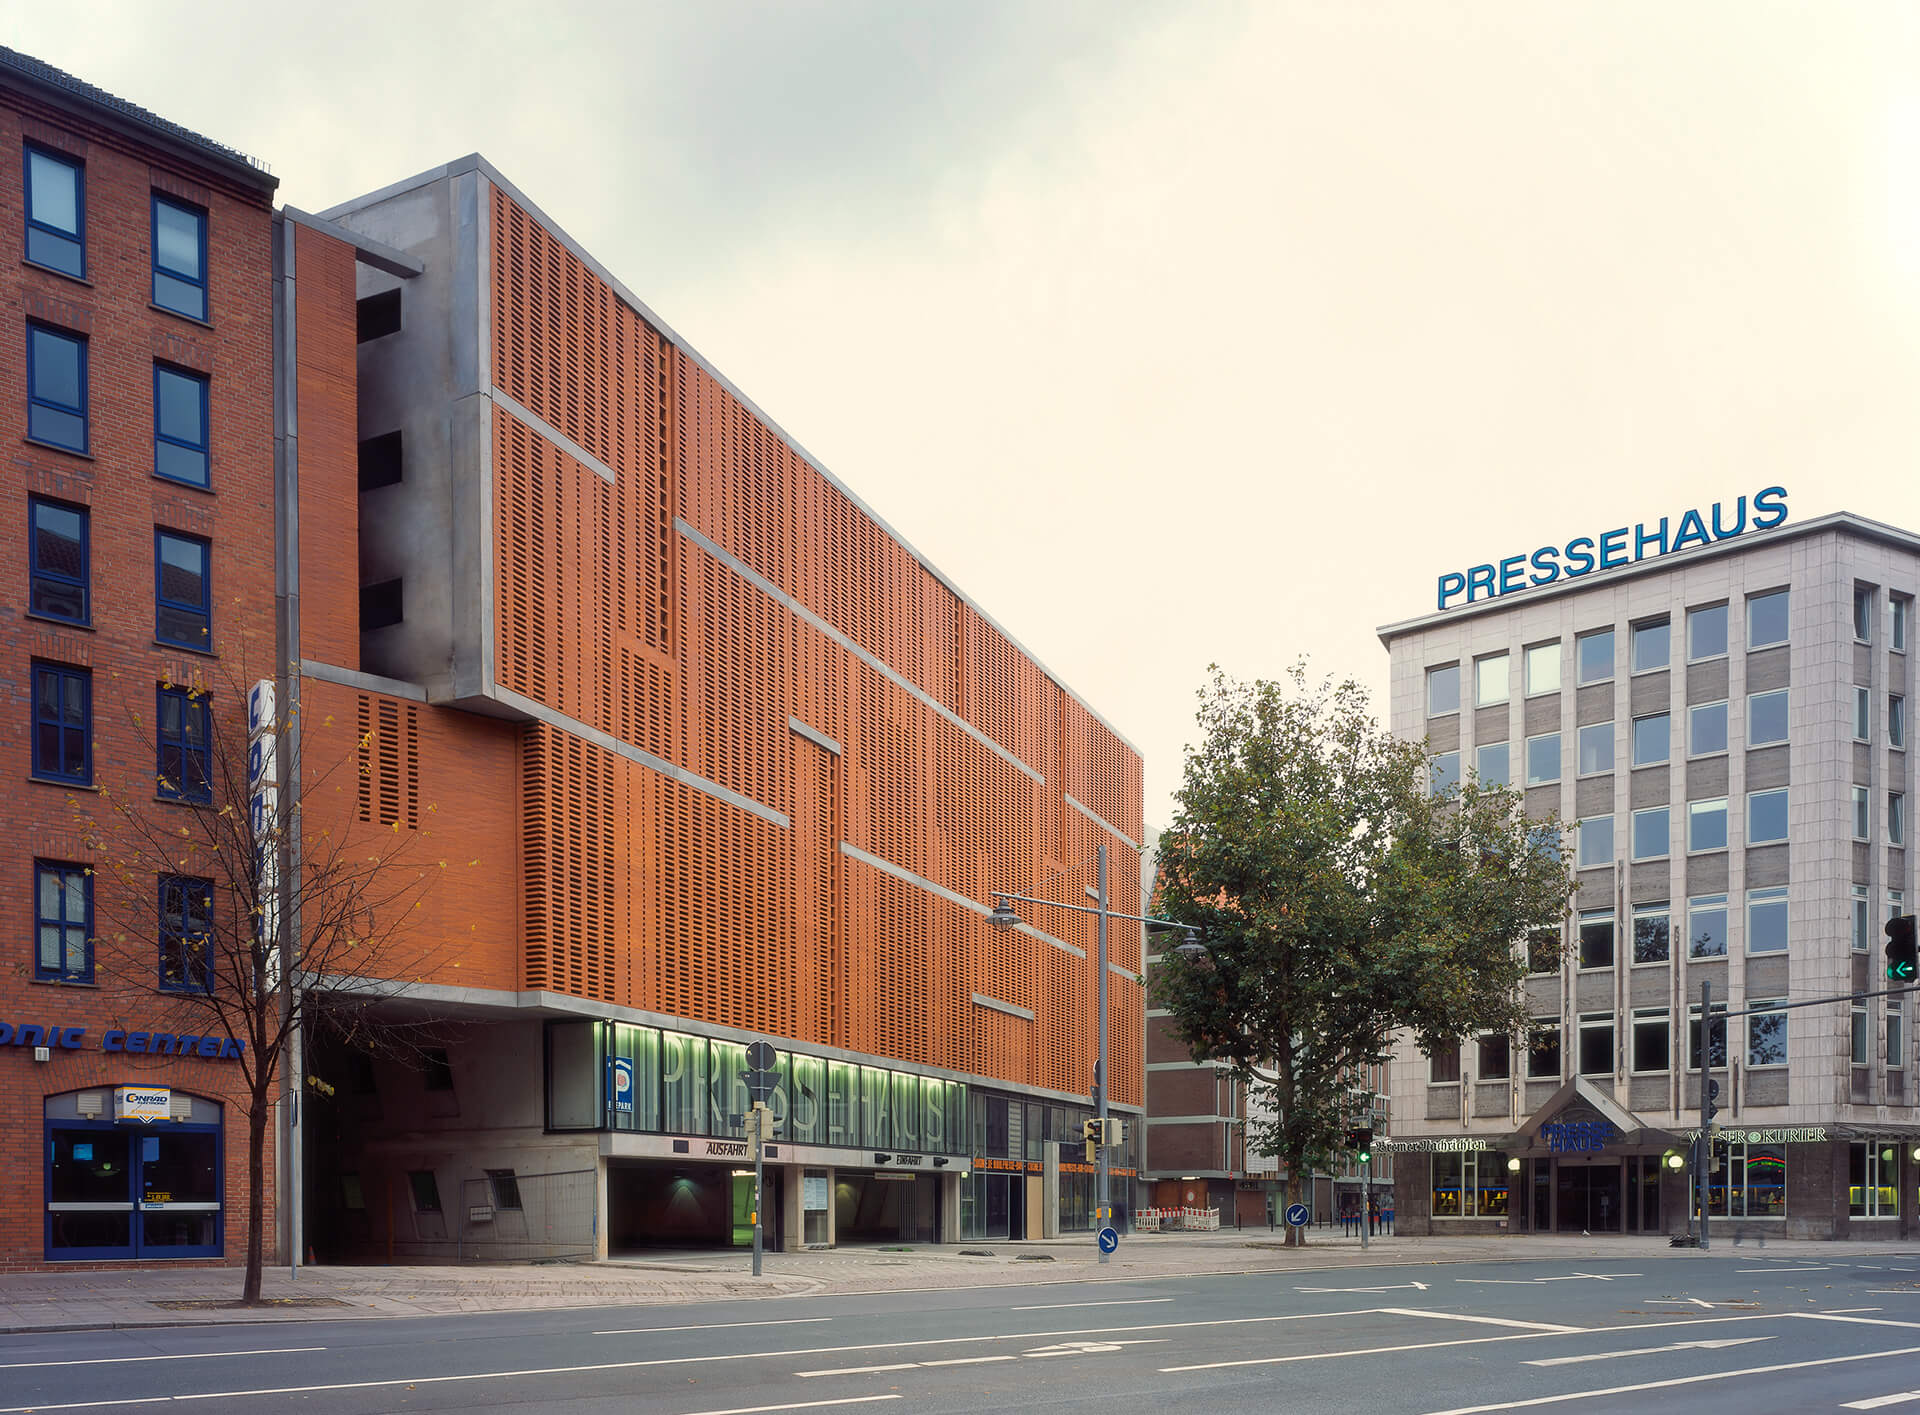 Bremen Architekt ksg architekten multi storey car park pressehaus bremen